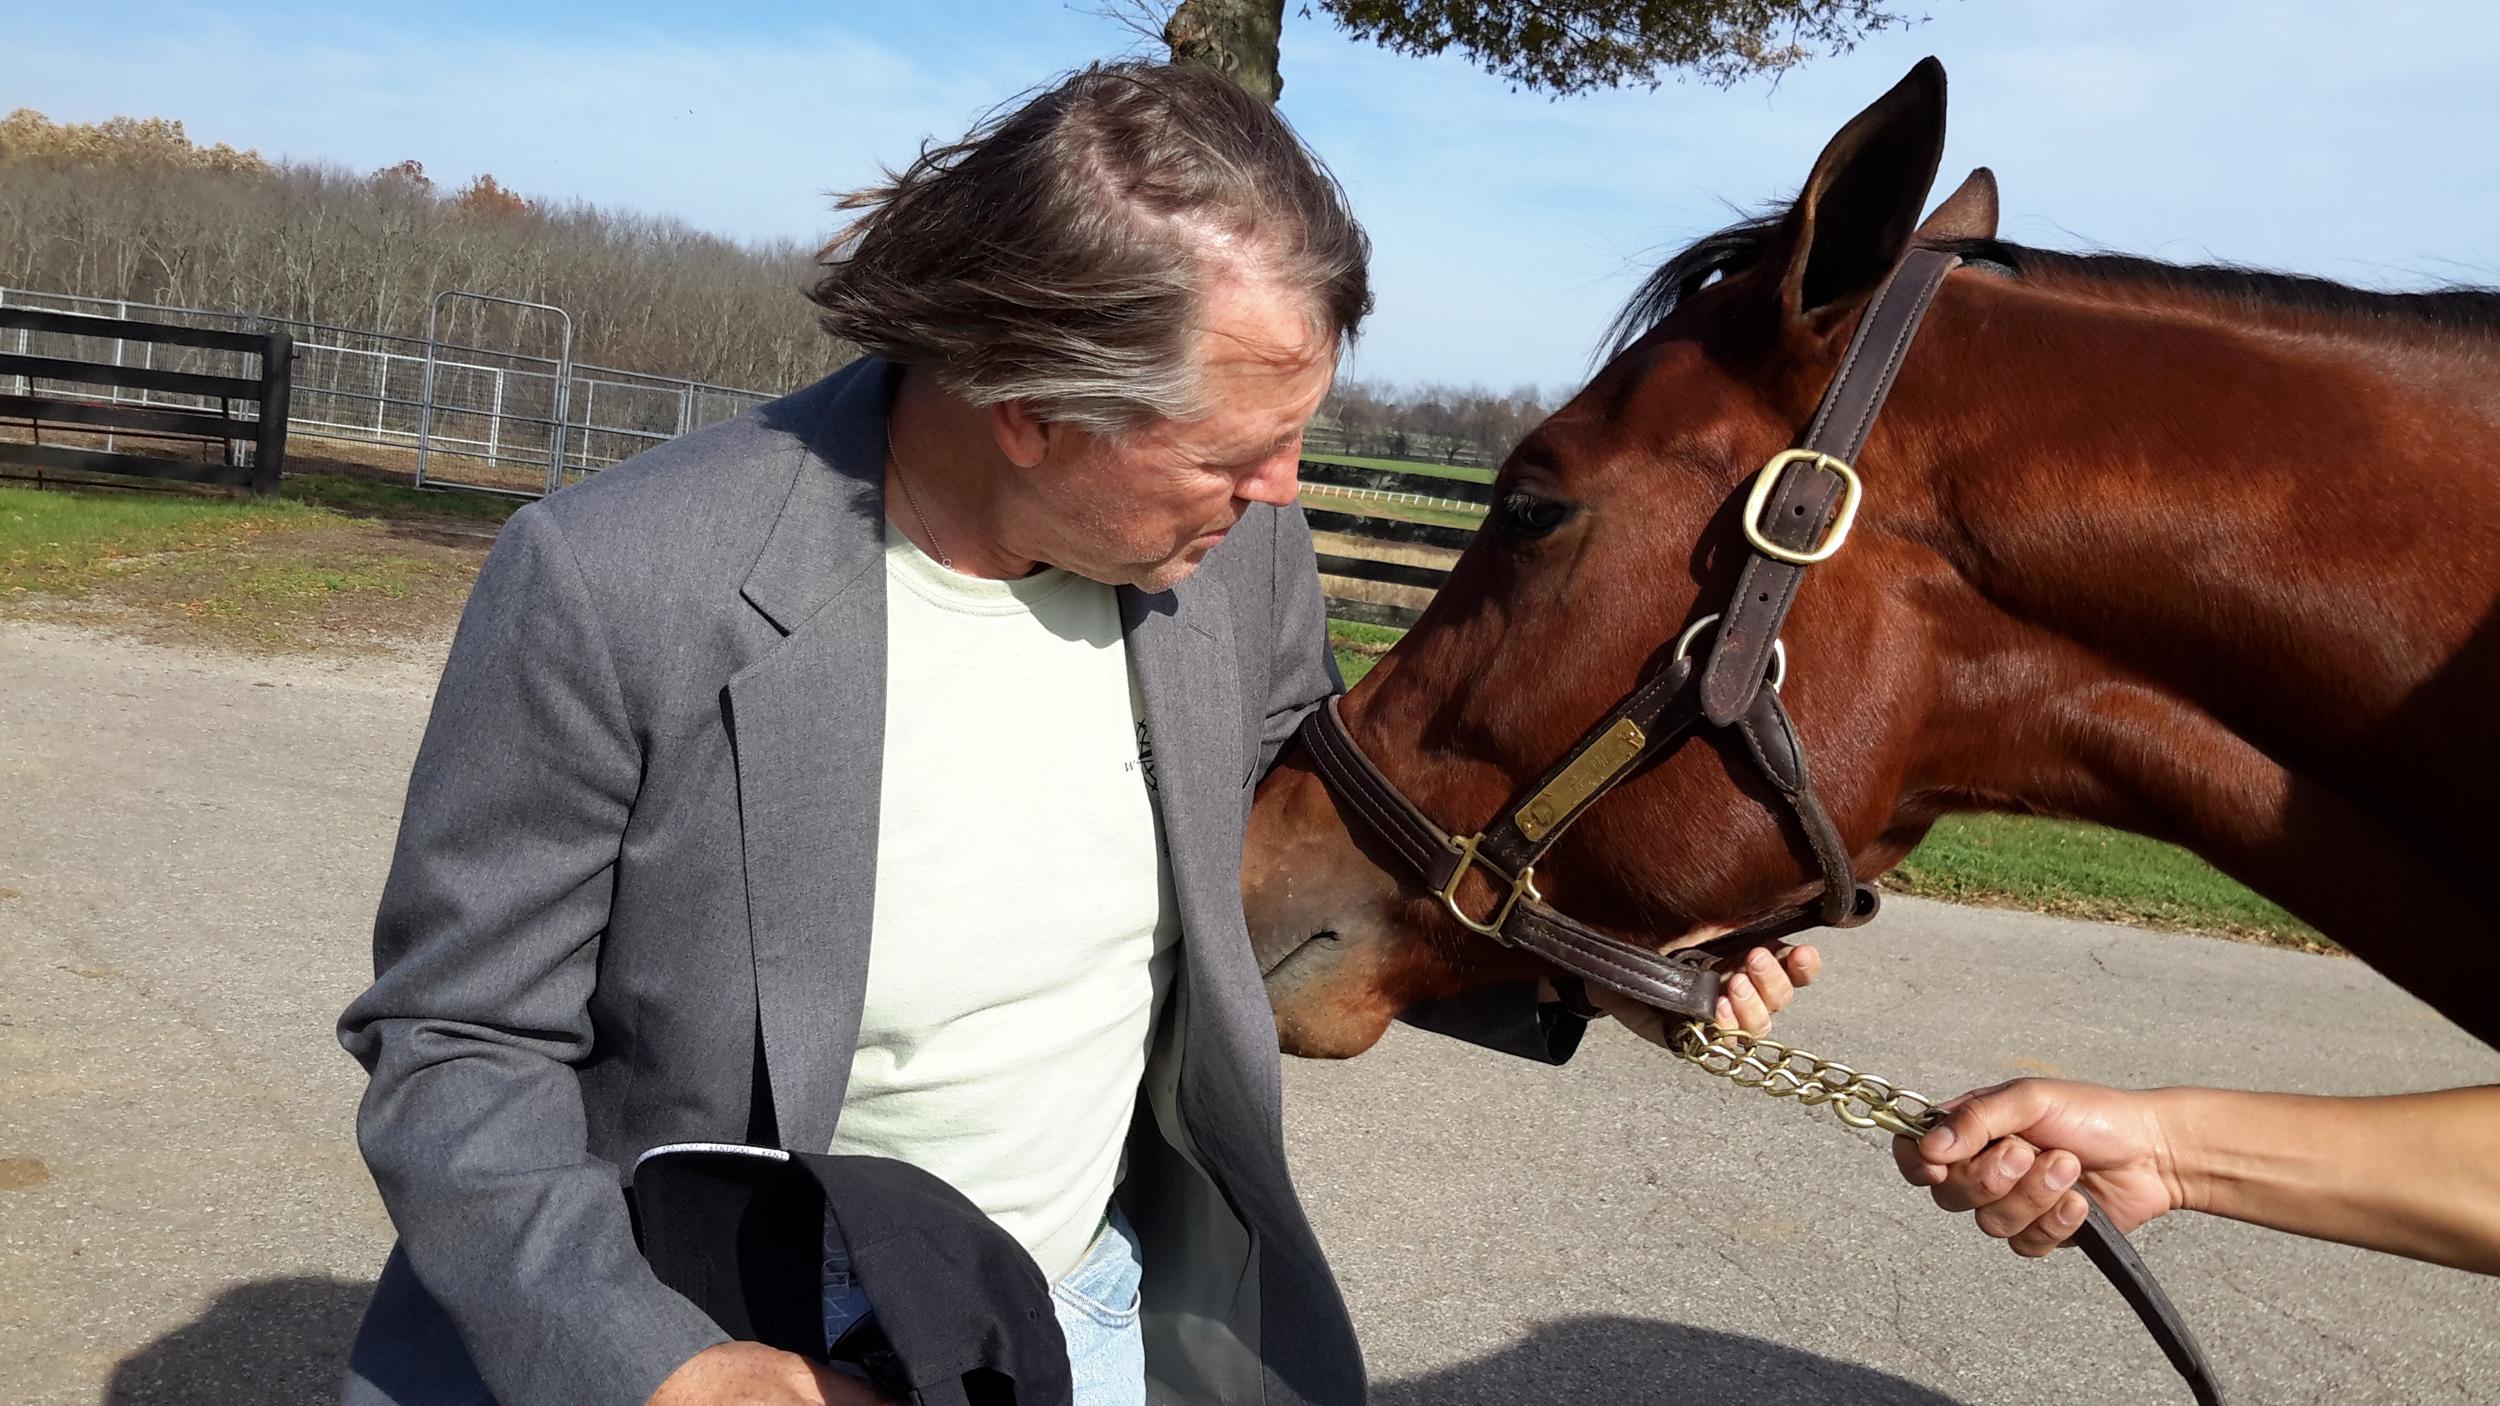 All horses need love.